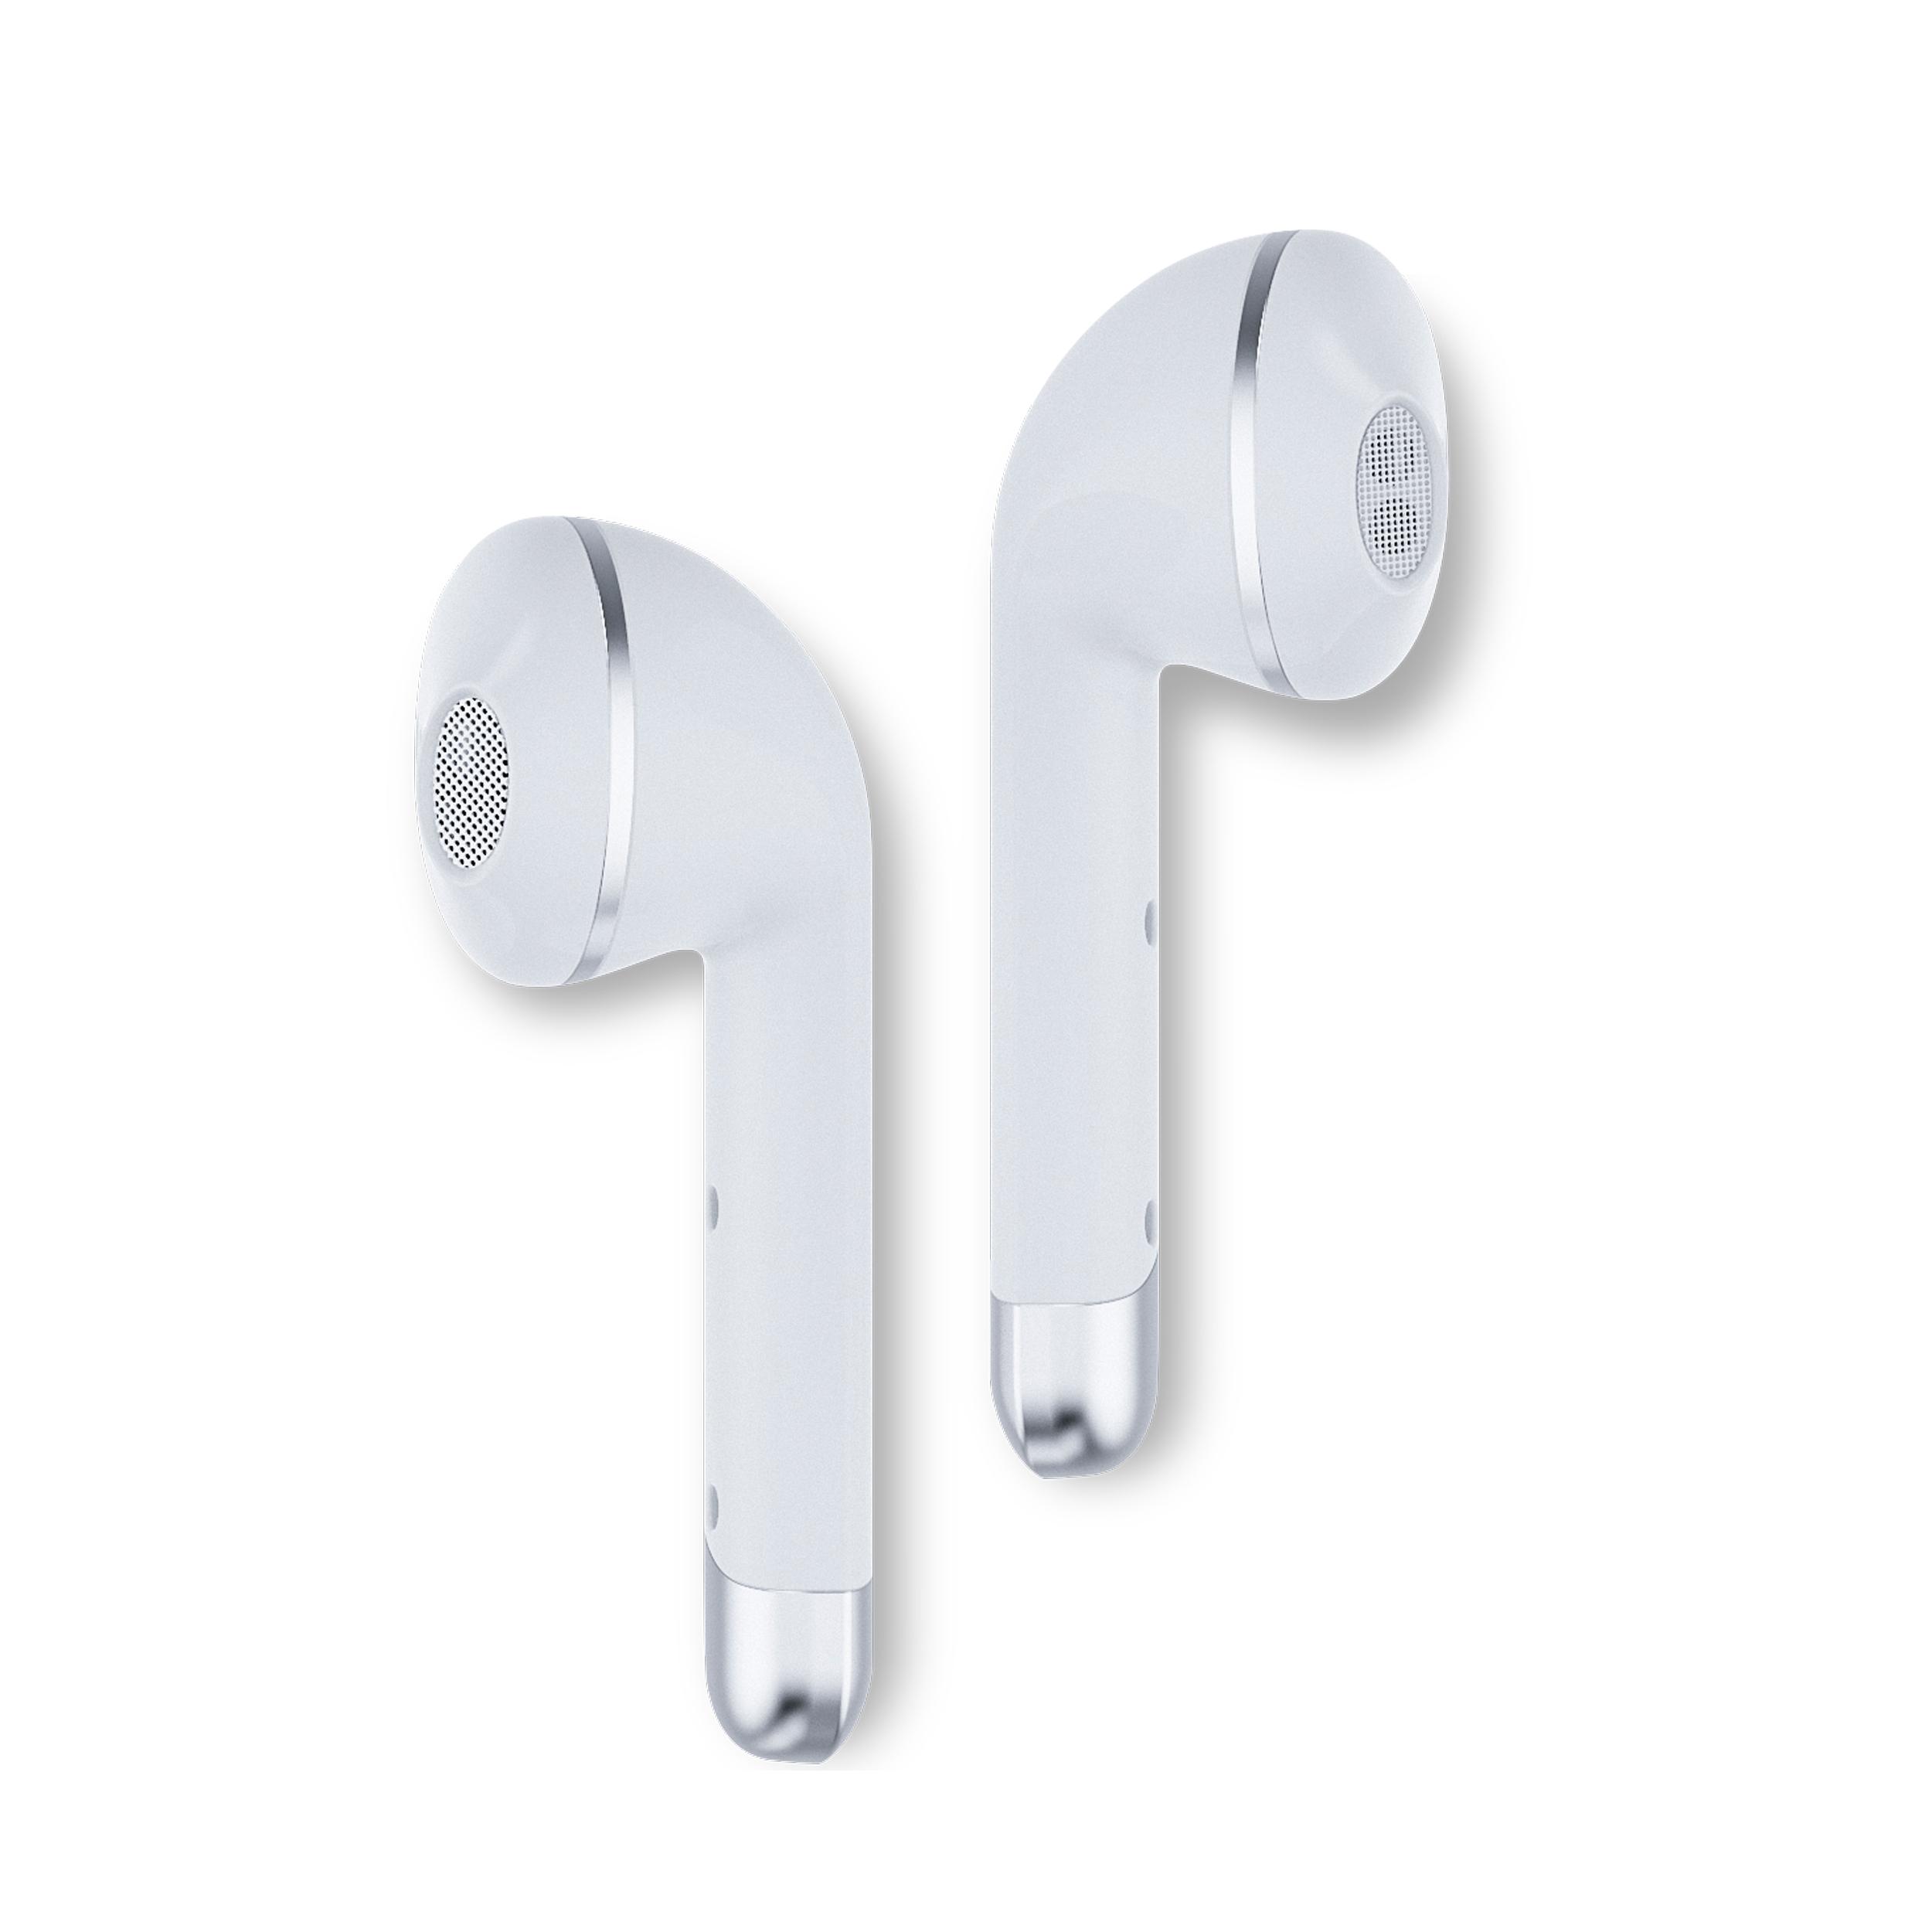 Écouteurs tactiles Happy plugs Air 1  - Connectivité Bluetooth 5.0 - Portée sans fil fiable de 10m - 14 heures d'autonomie